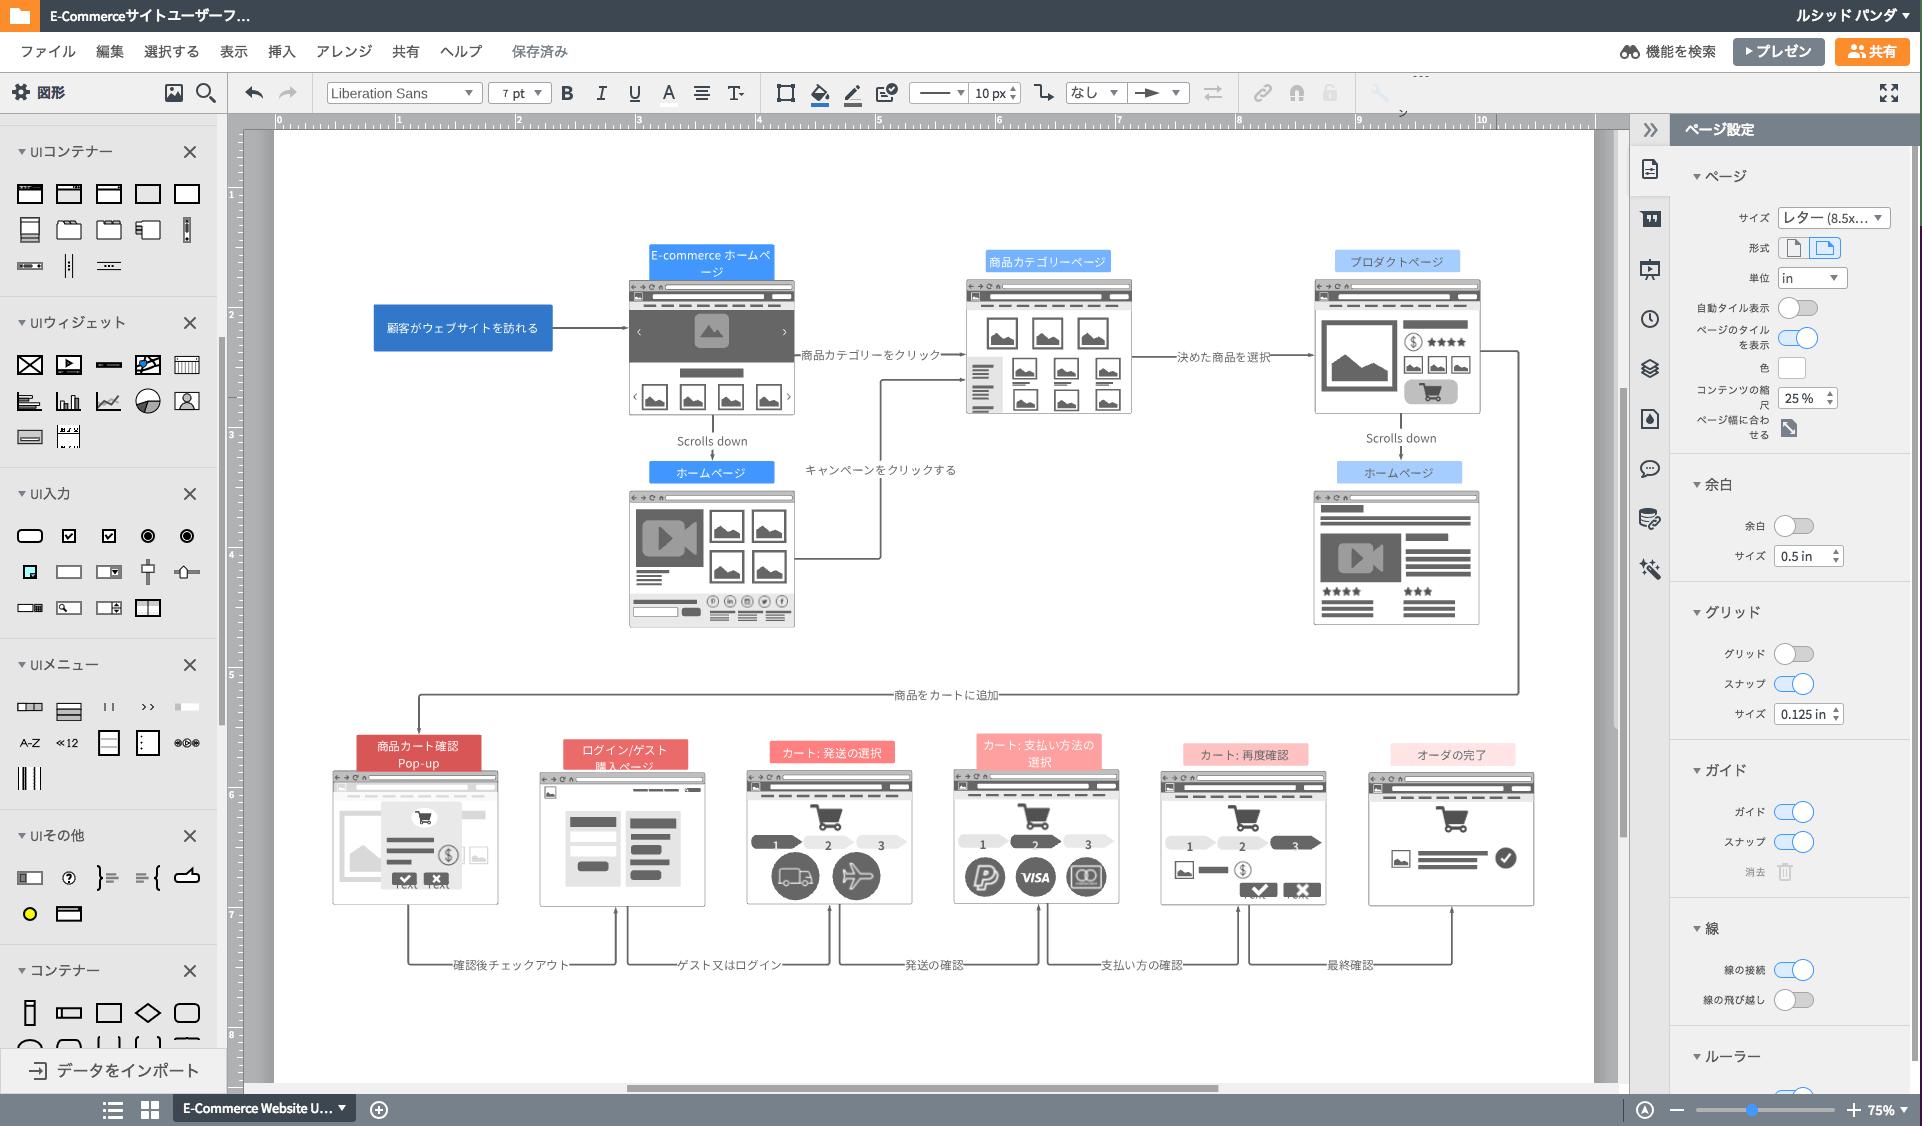 ワイヤーフレーム ツールでEcommerceサイトの設計